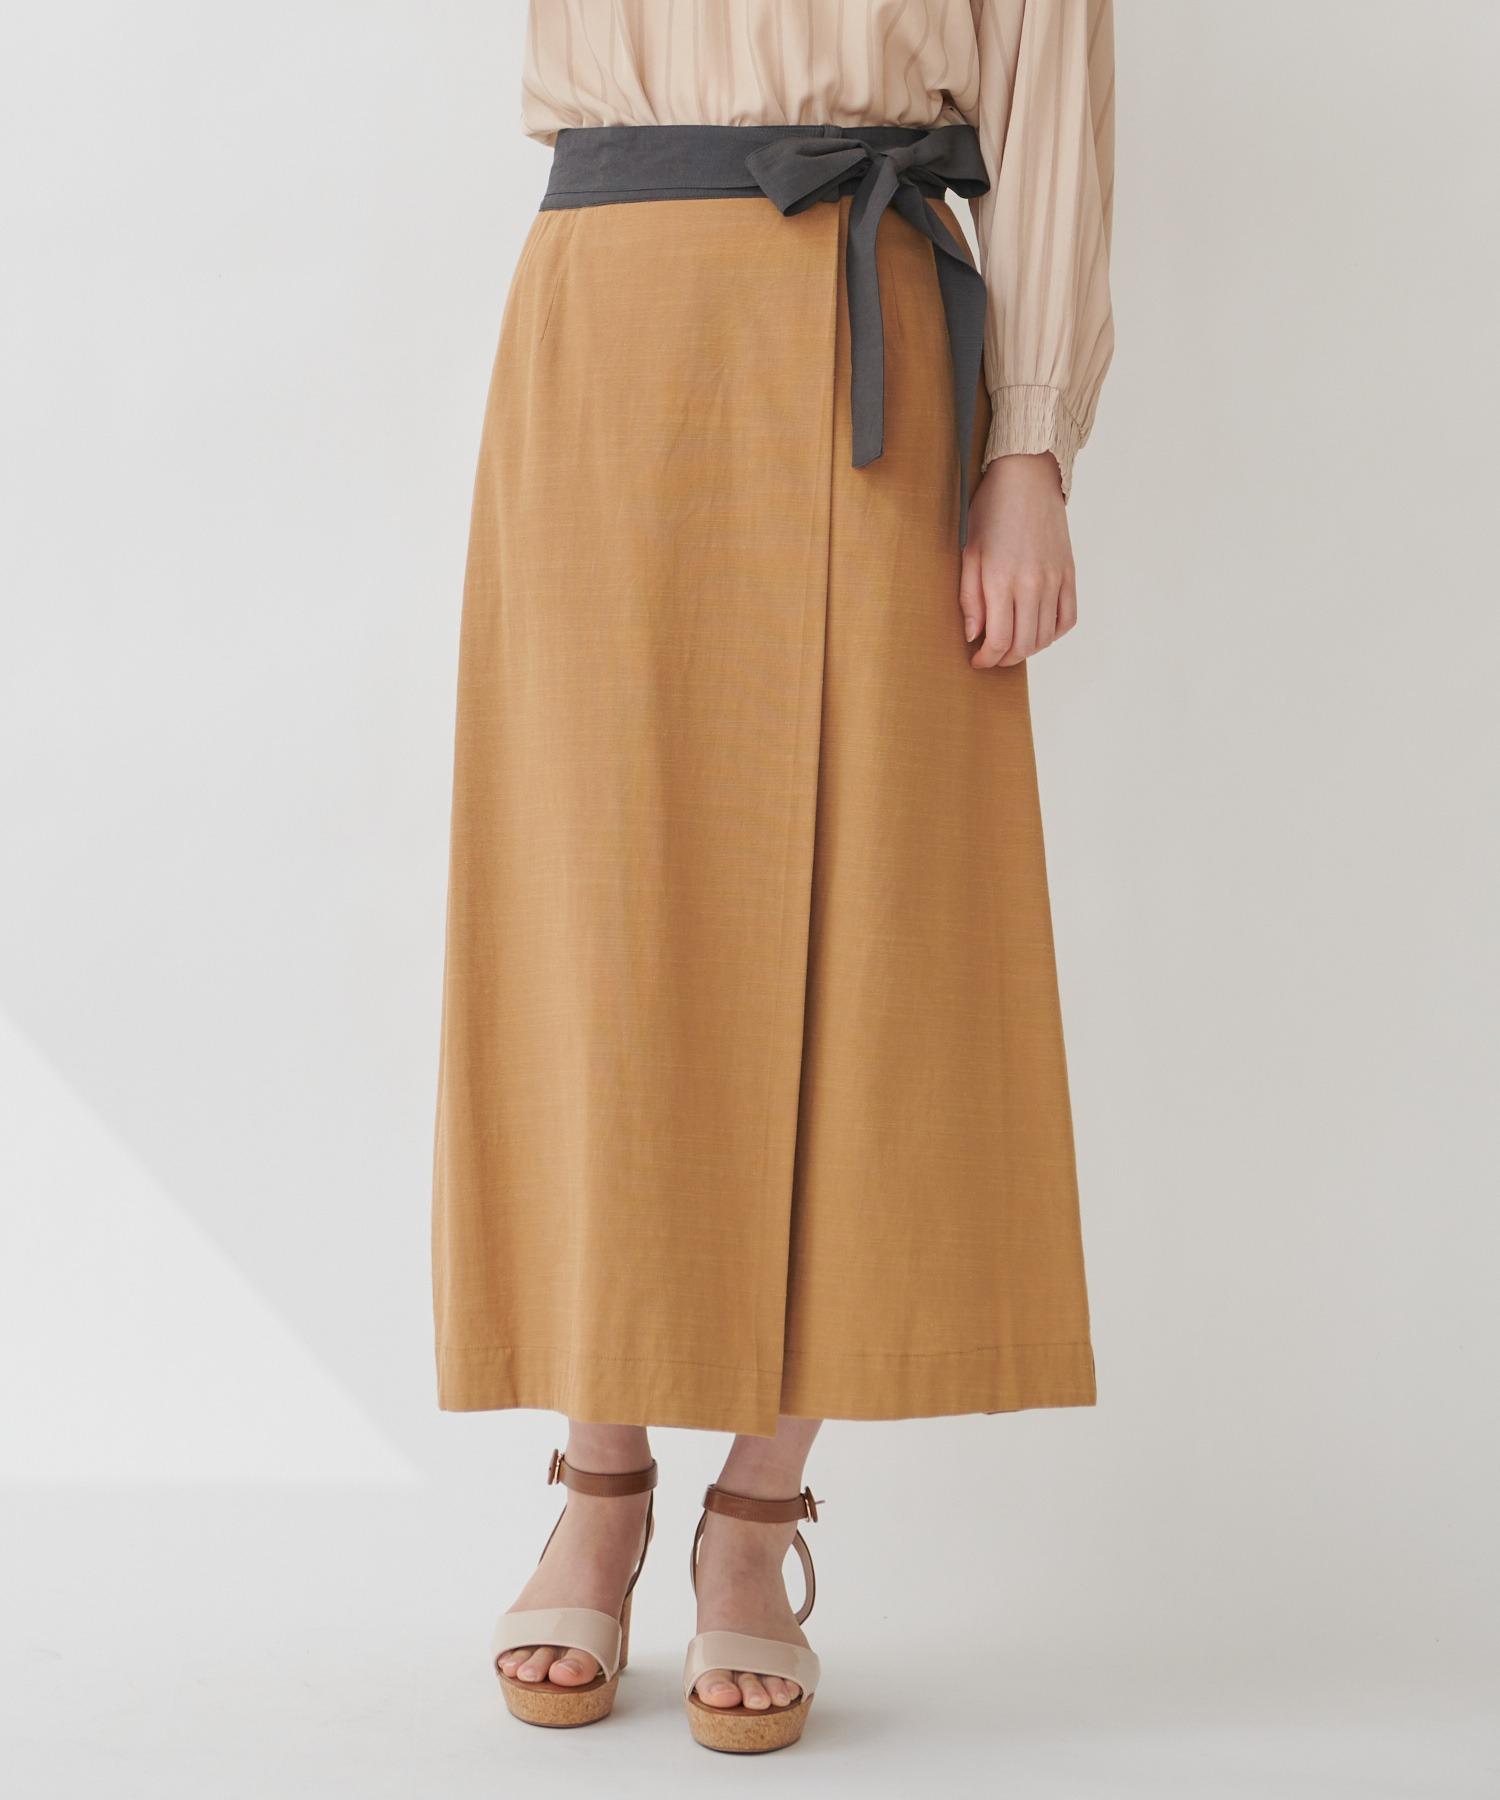 【THE CHIC】コットンリネンバイカラーラップスカート